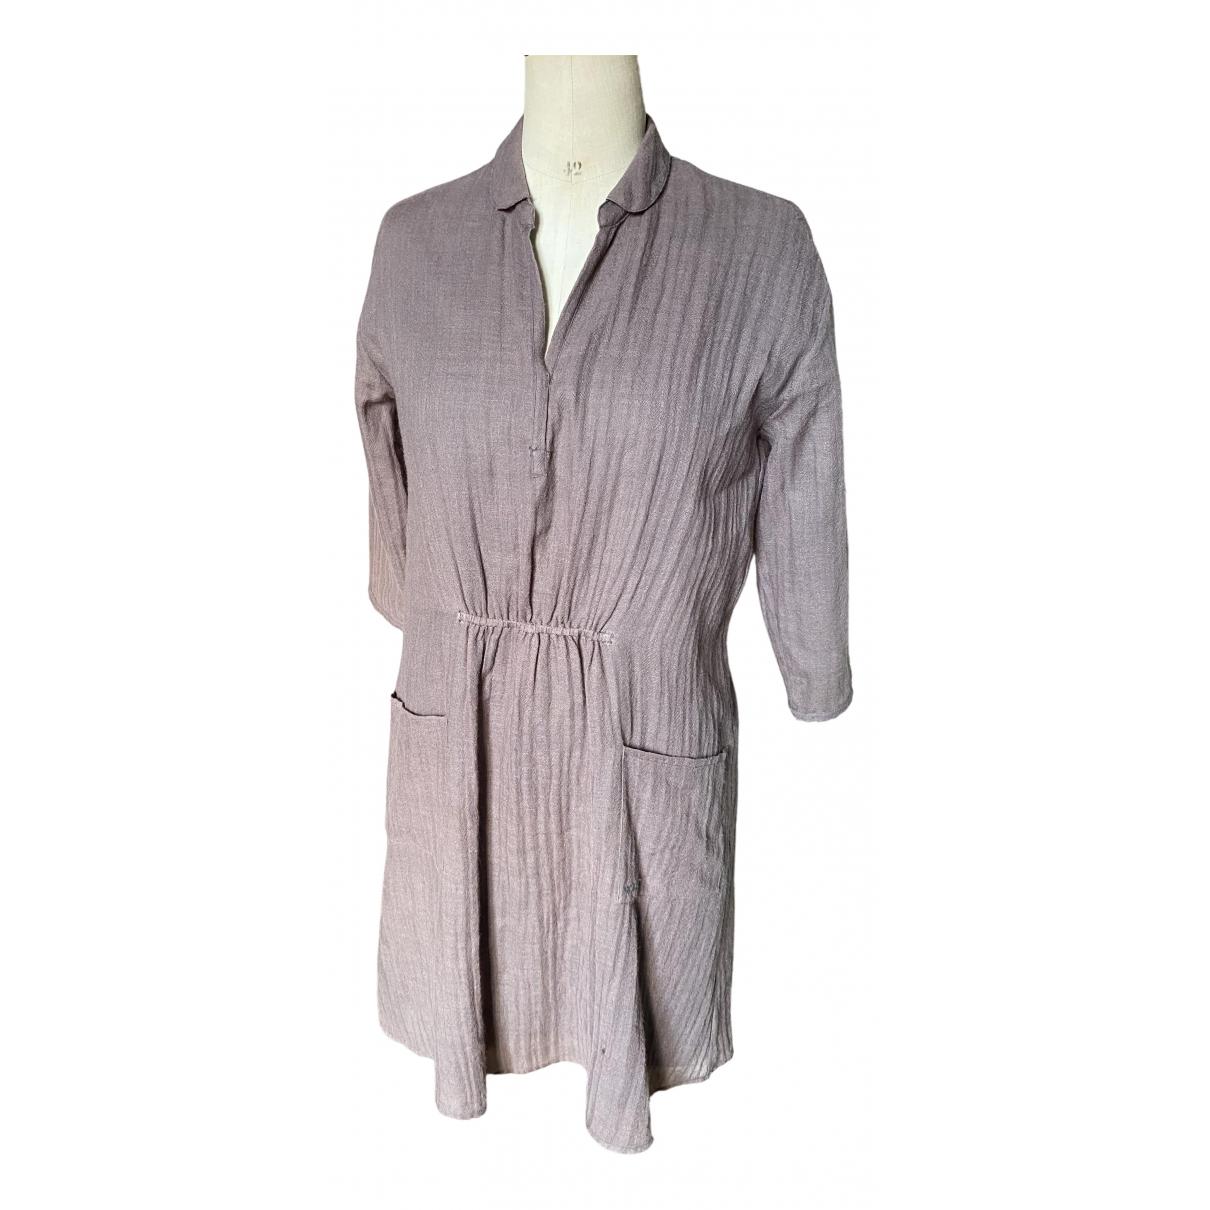 Swildens \N Kleid in Wolle